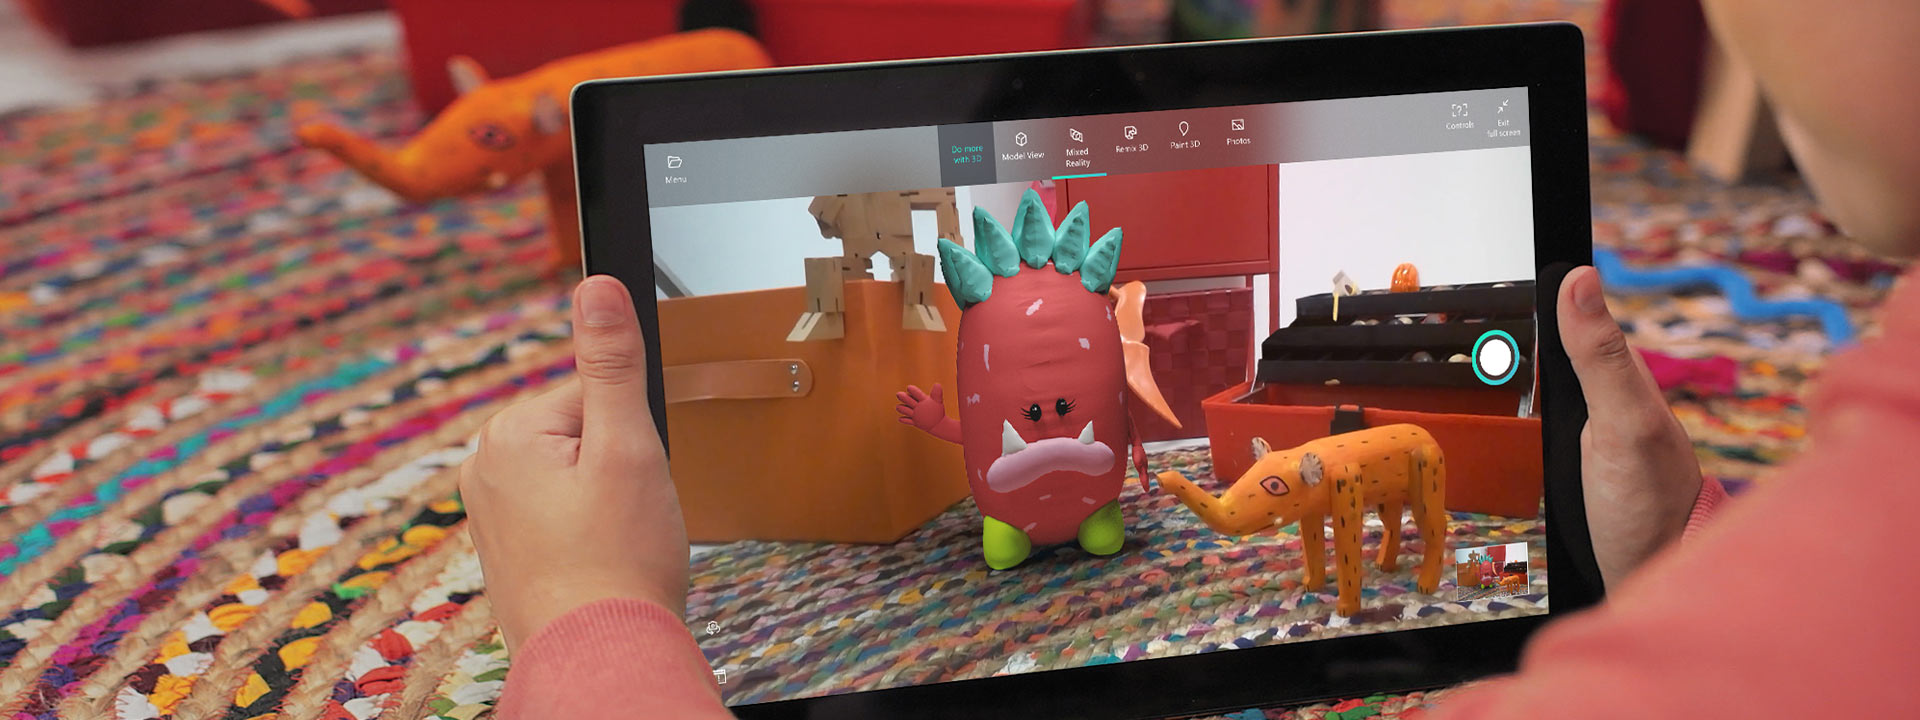 Tablet mit einem 3D-Objekt im Mixed Reality Viewer